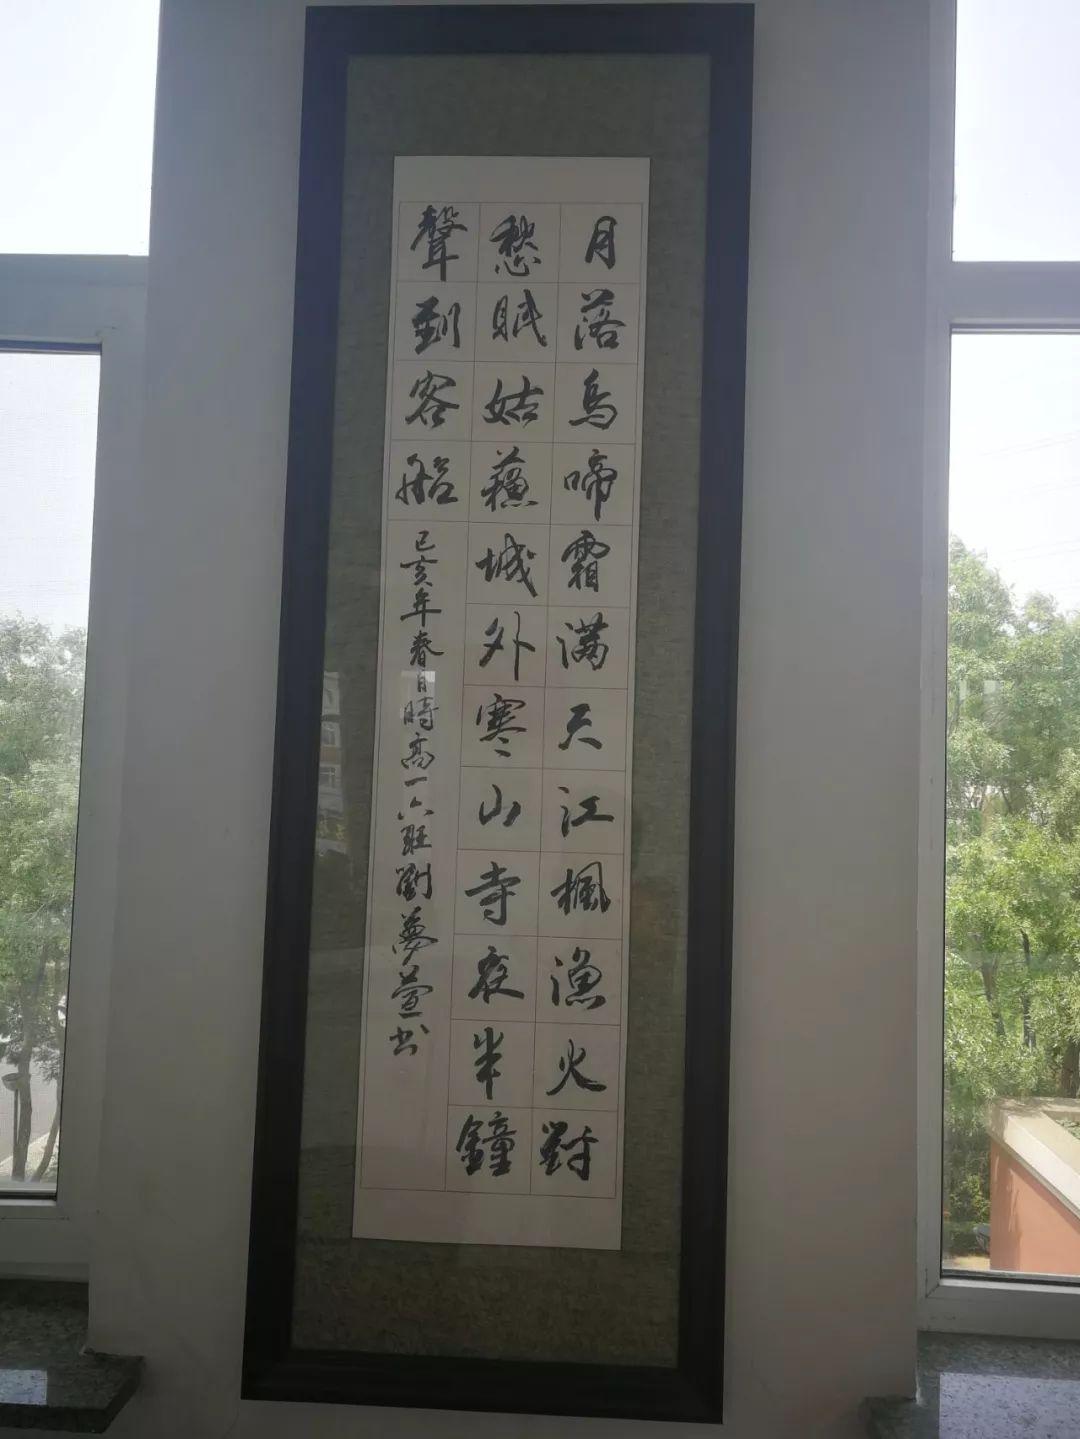 笔舞江山随心间,墨泼天地换诗篇,纸上黑白吞六合,砚中乾坤...